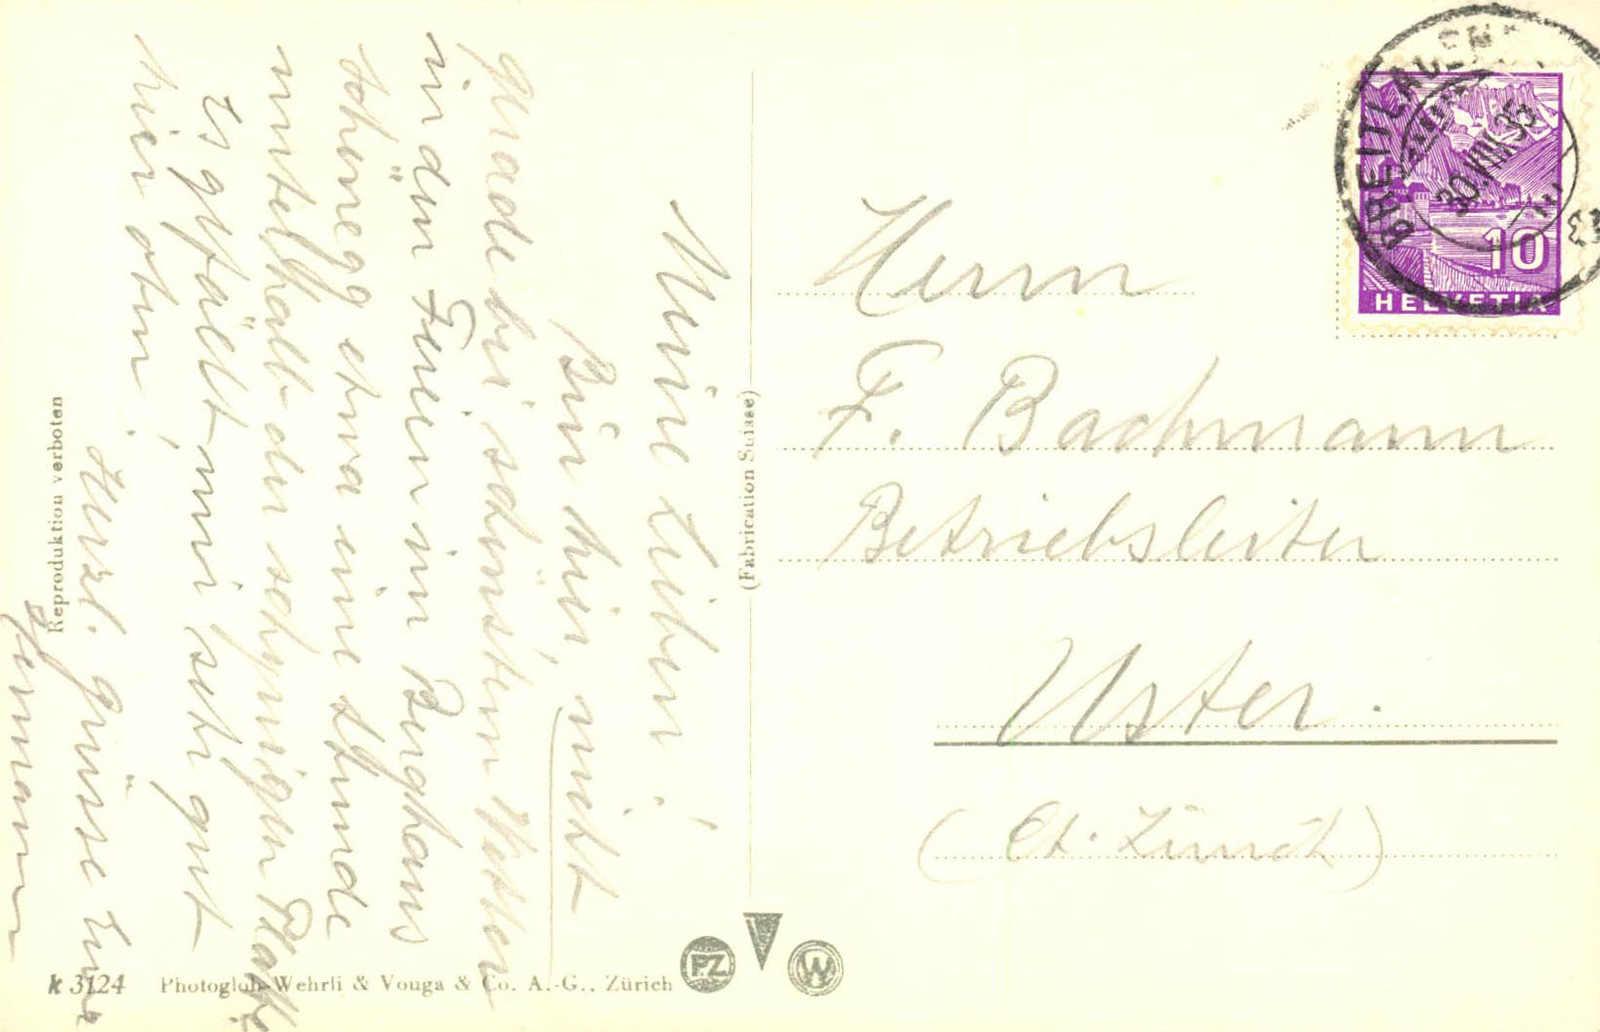 Lot 6 - kanton bern  -  MH Marken GmbH Auktion 118